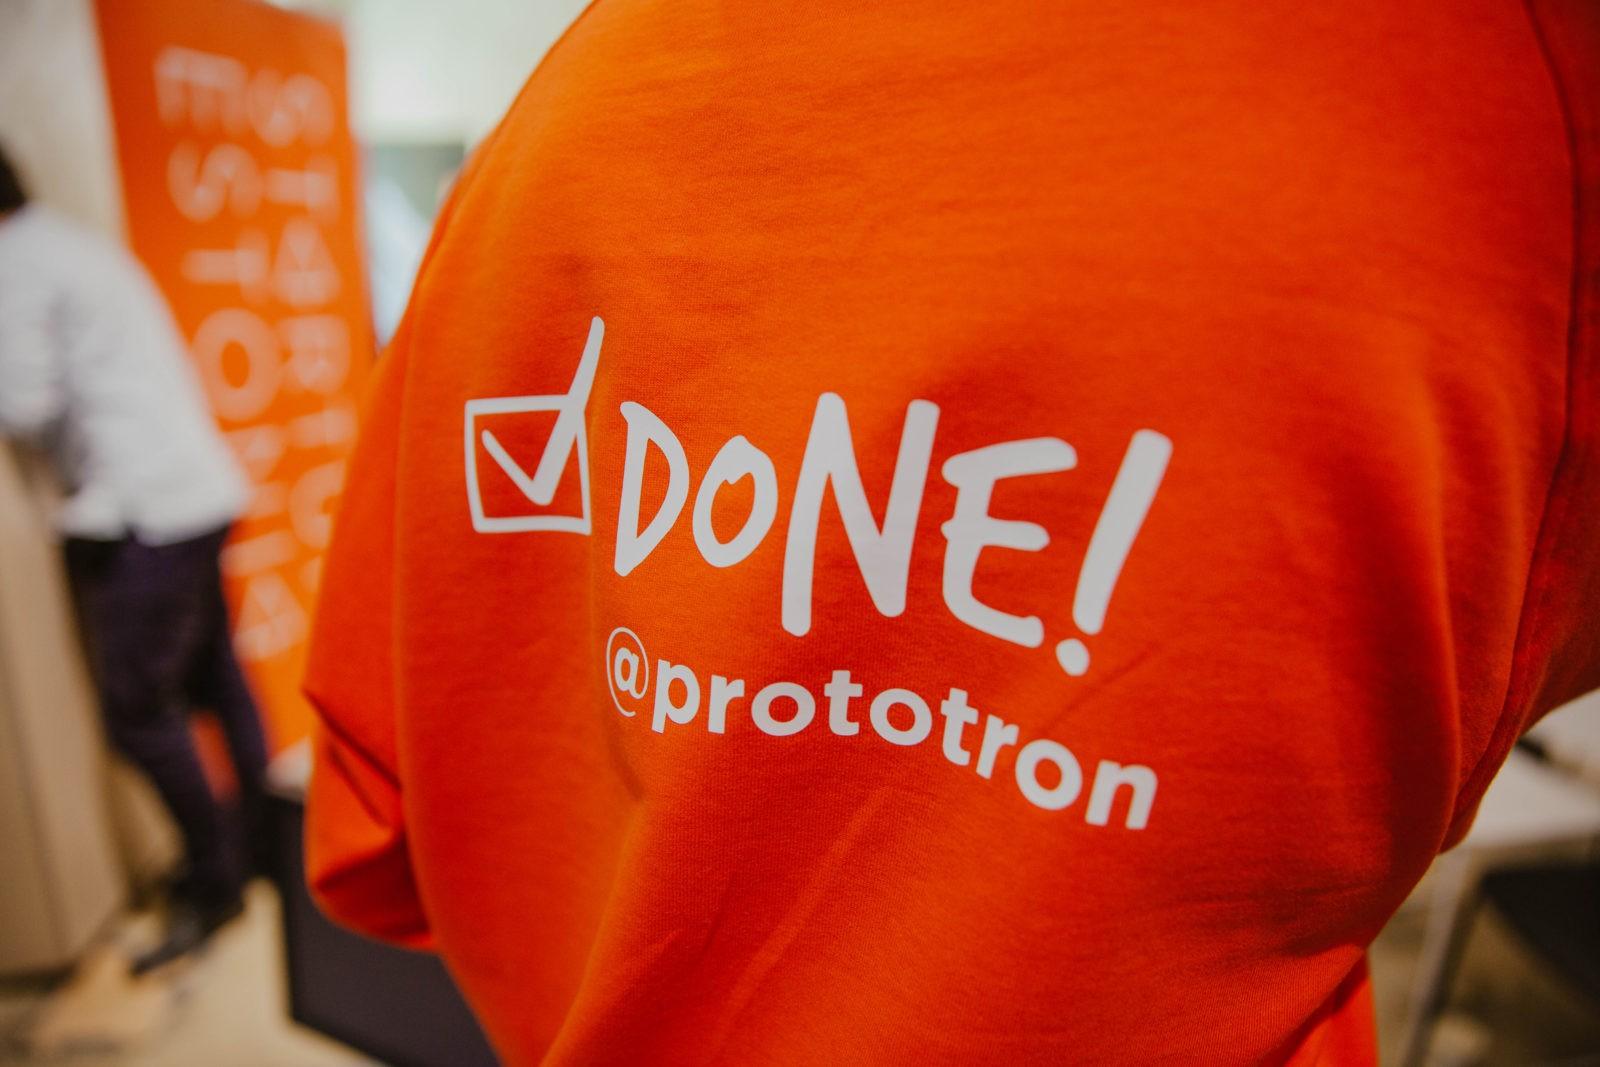 Осенний раунд Prototron открыт, призовой фонд составит 70 000 евро